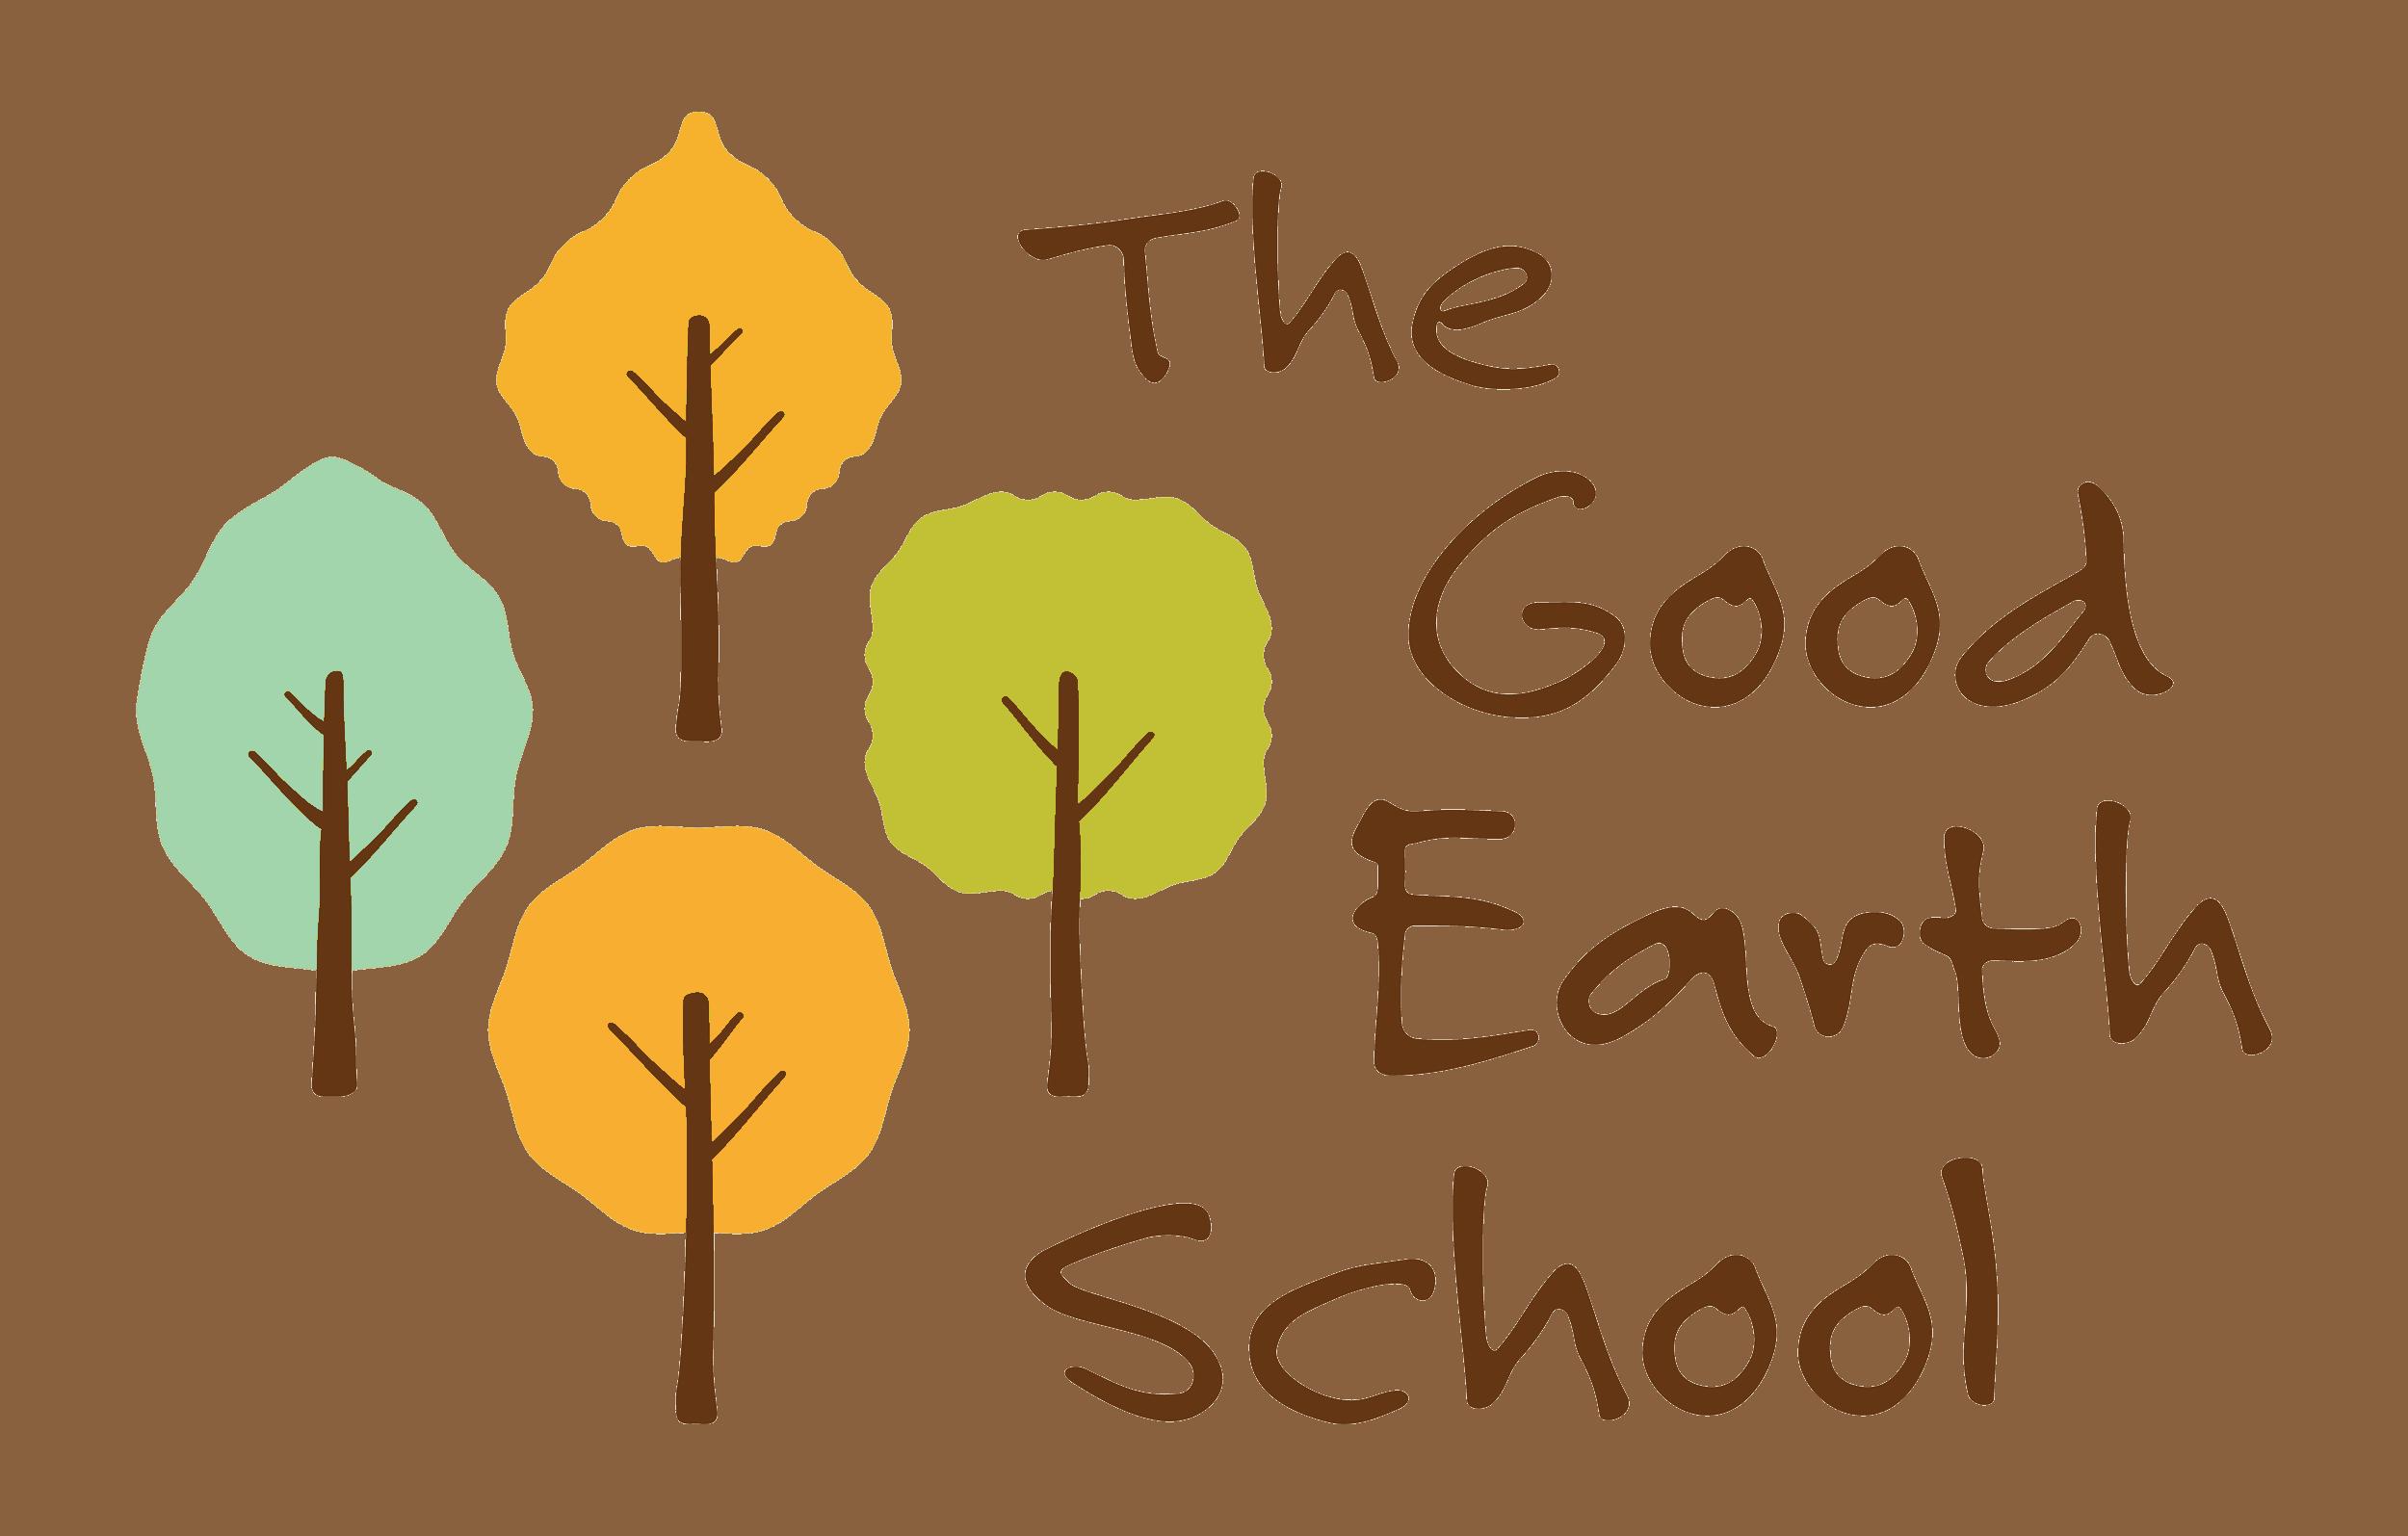 TheGoodEarthSchool_Logo_Design_By_UziMedia